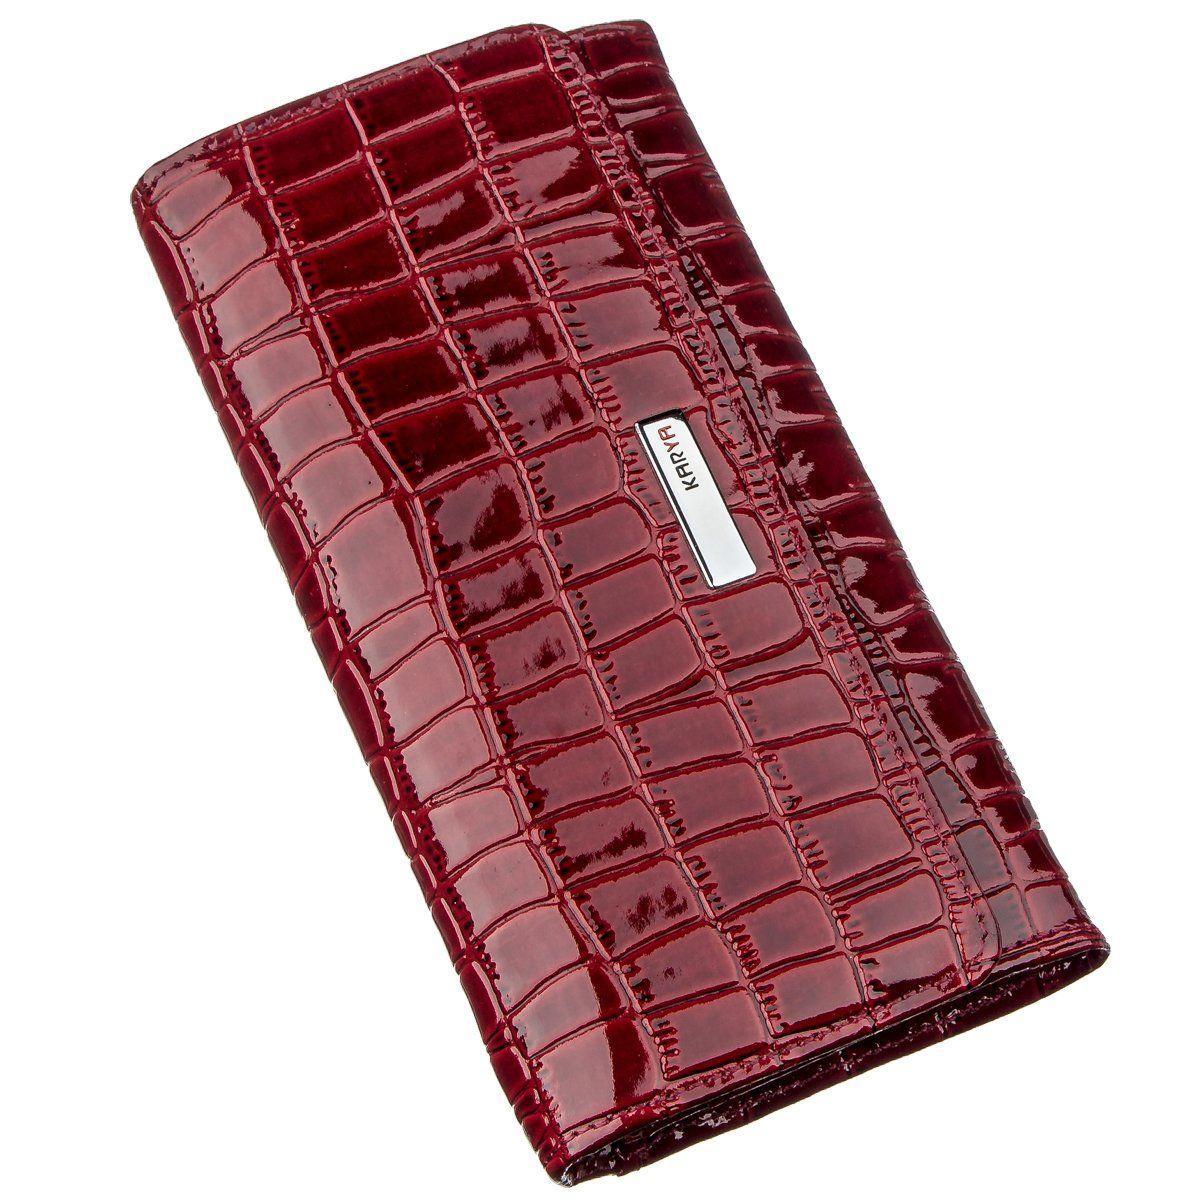 Женский кошелек красный лаковый под экзотику 17373 KARYA Красный, Красный